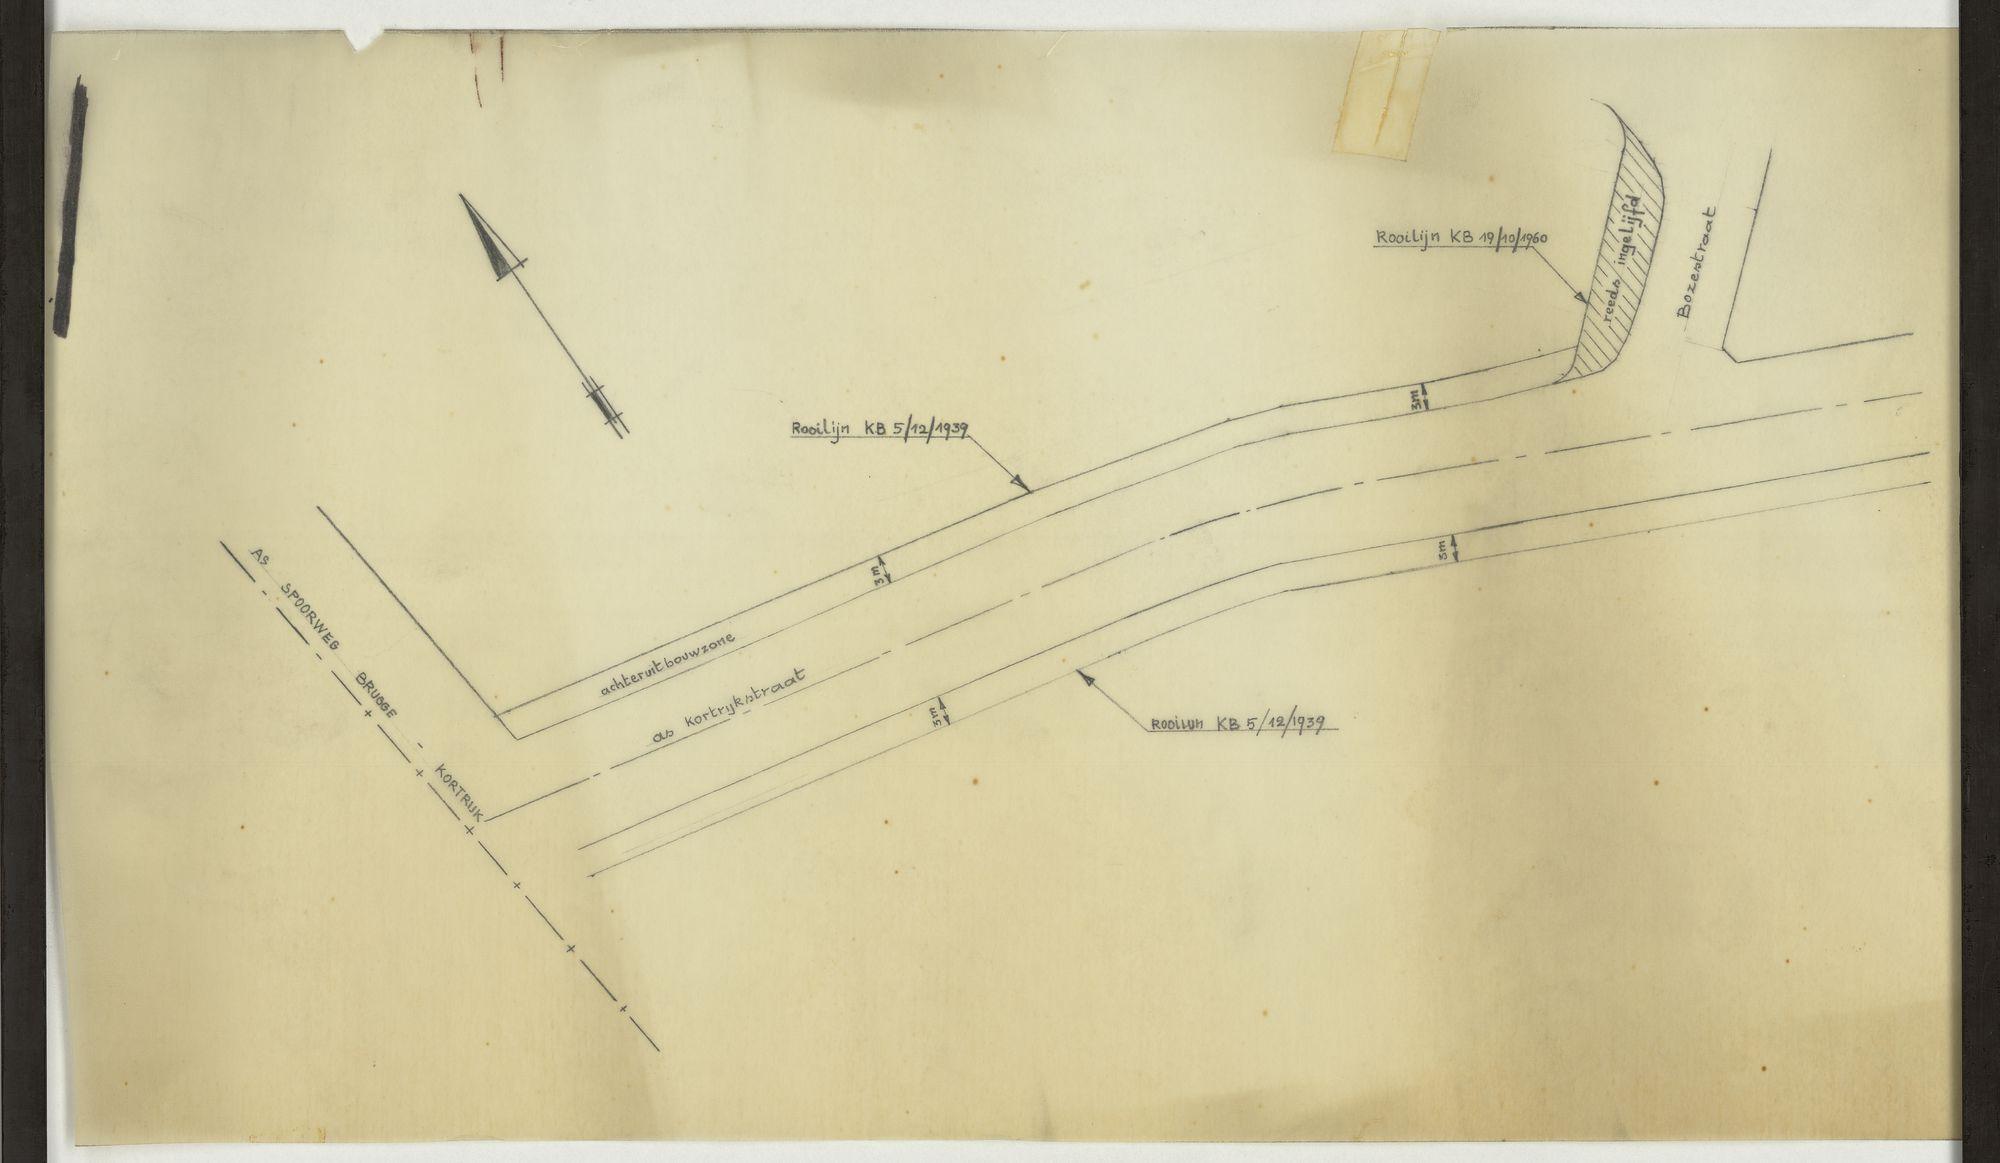 Plan van de rooilijn van de Kortrijksestraat en de Bozestraat te Heule, 2de helft 20ste eeuw